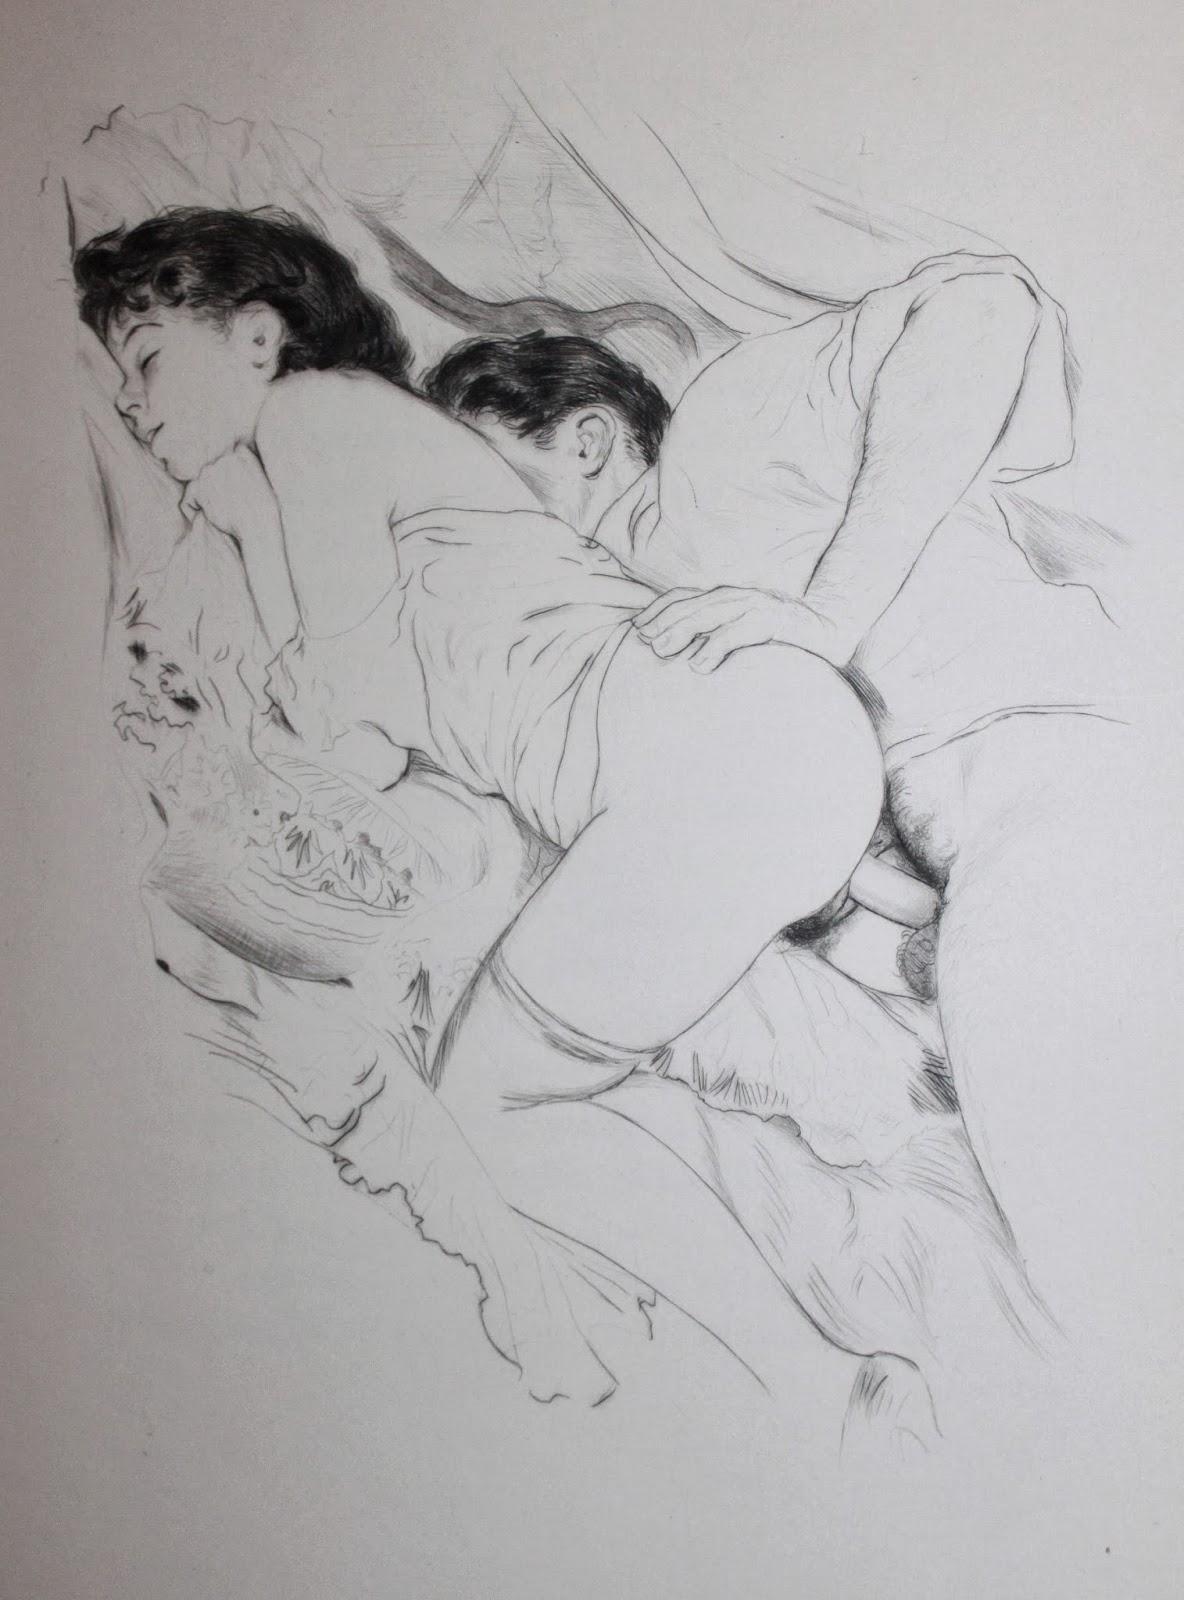 vidéos erotiques Sainte-Rose